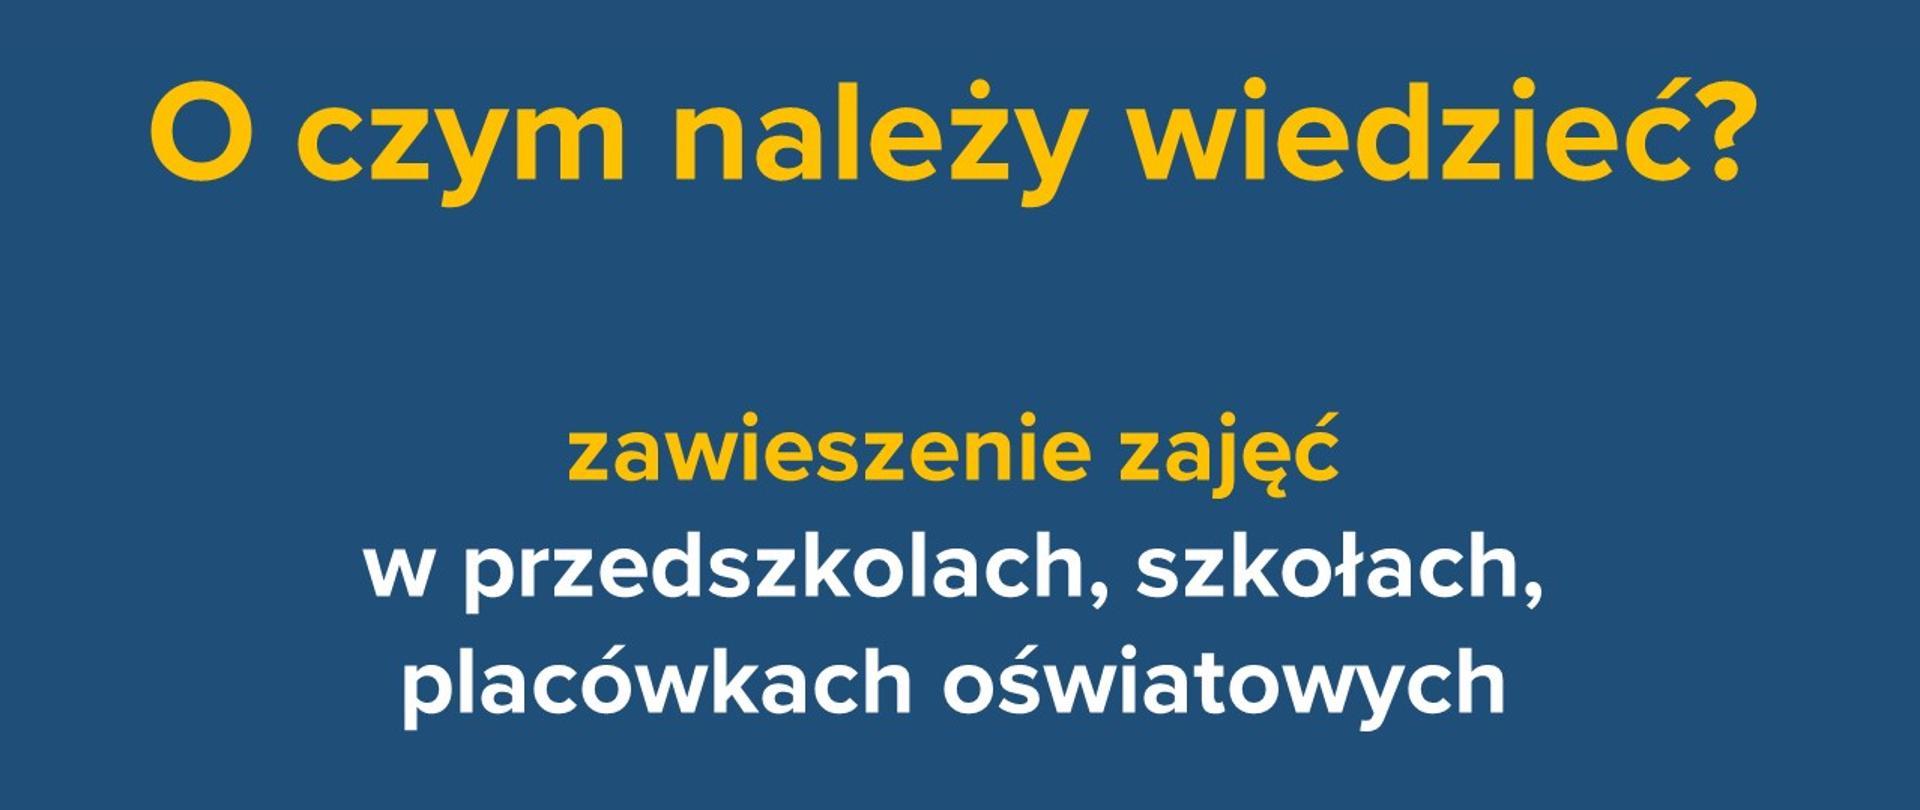 tablica informacyjna z napisem: O czym należy wiedzieć?Zawieszenie zajęć w szkołach, przedszkolach, placówkach oświatowych – pytania i odpowiedzi